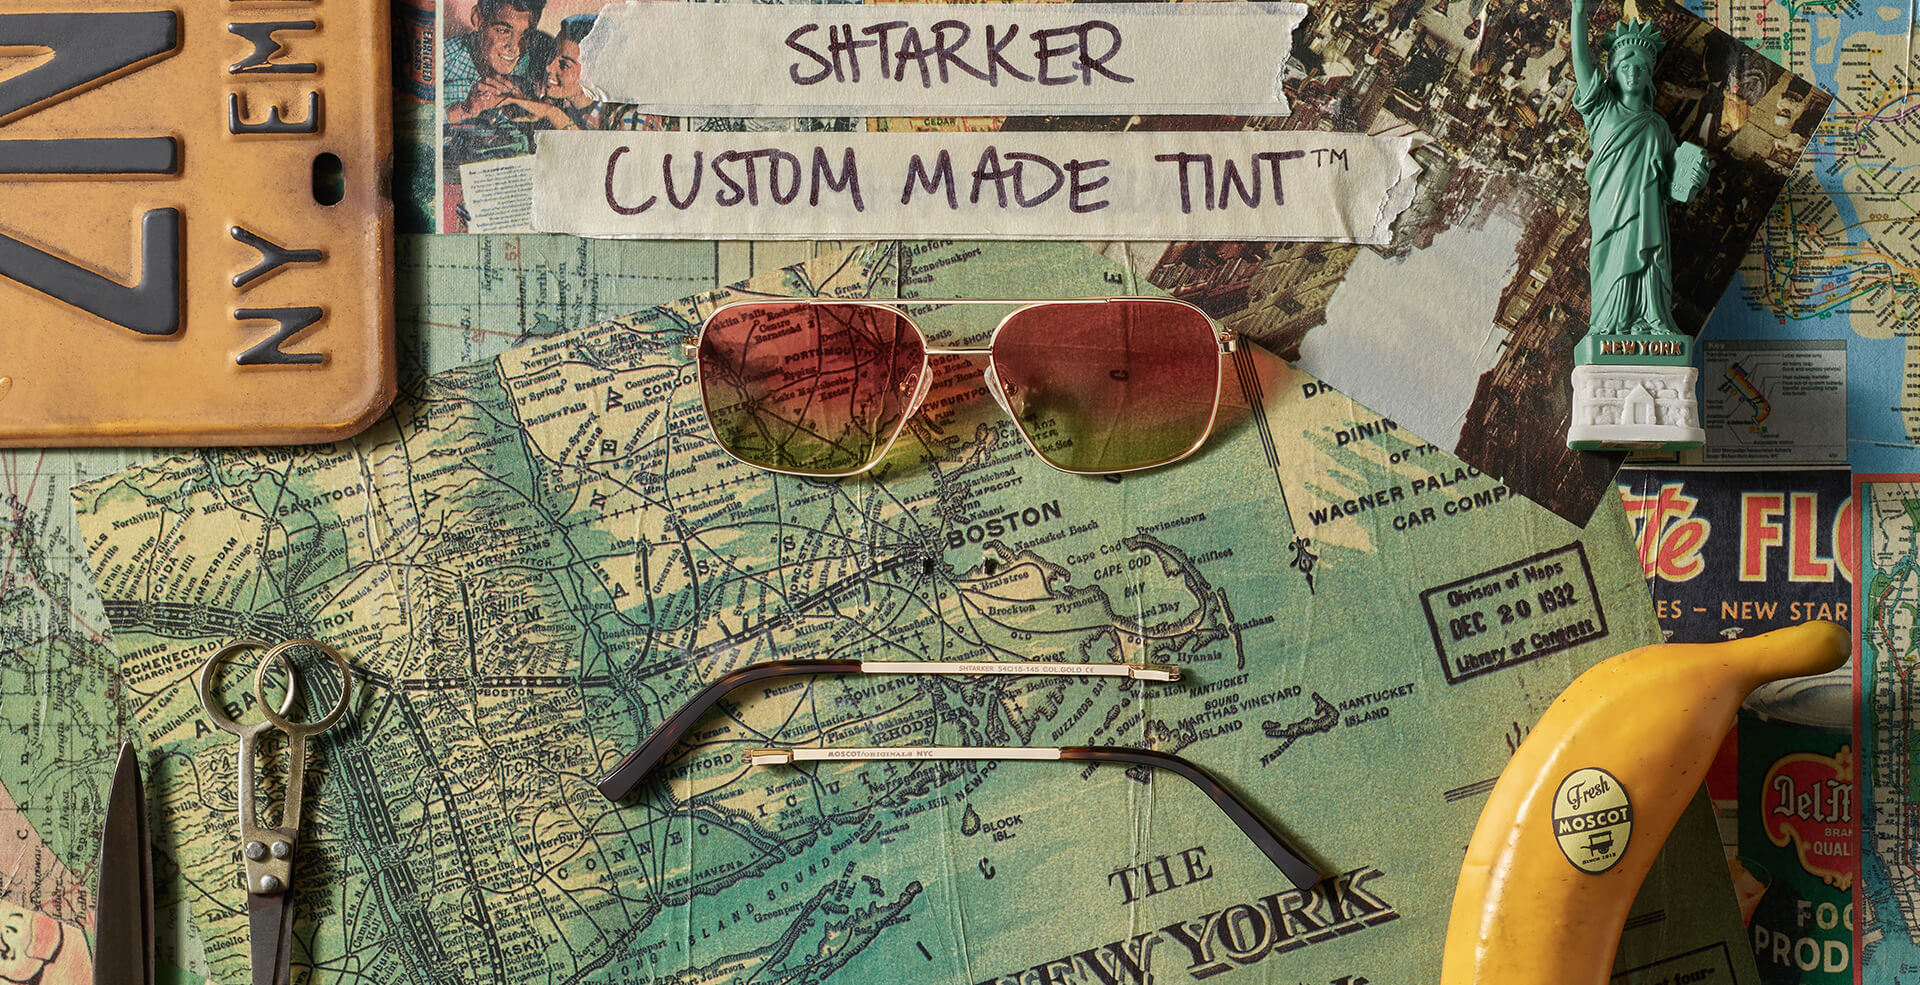 SHTARKER Custom Tint